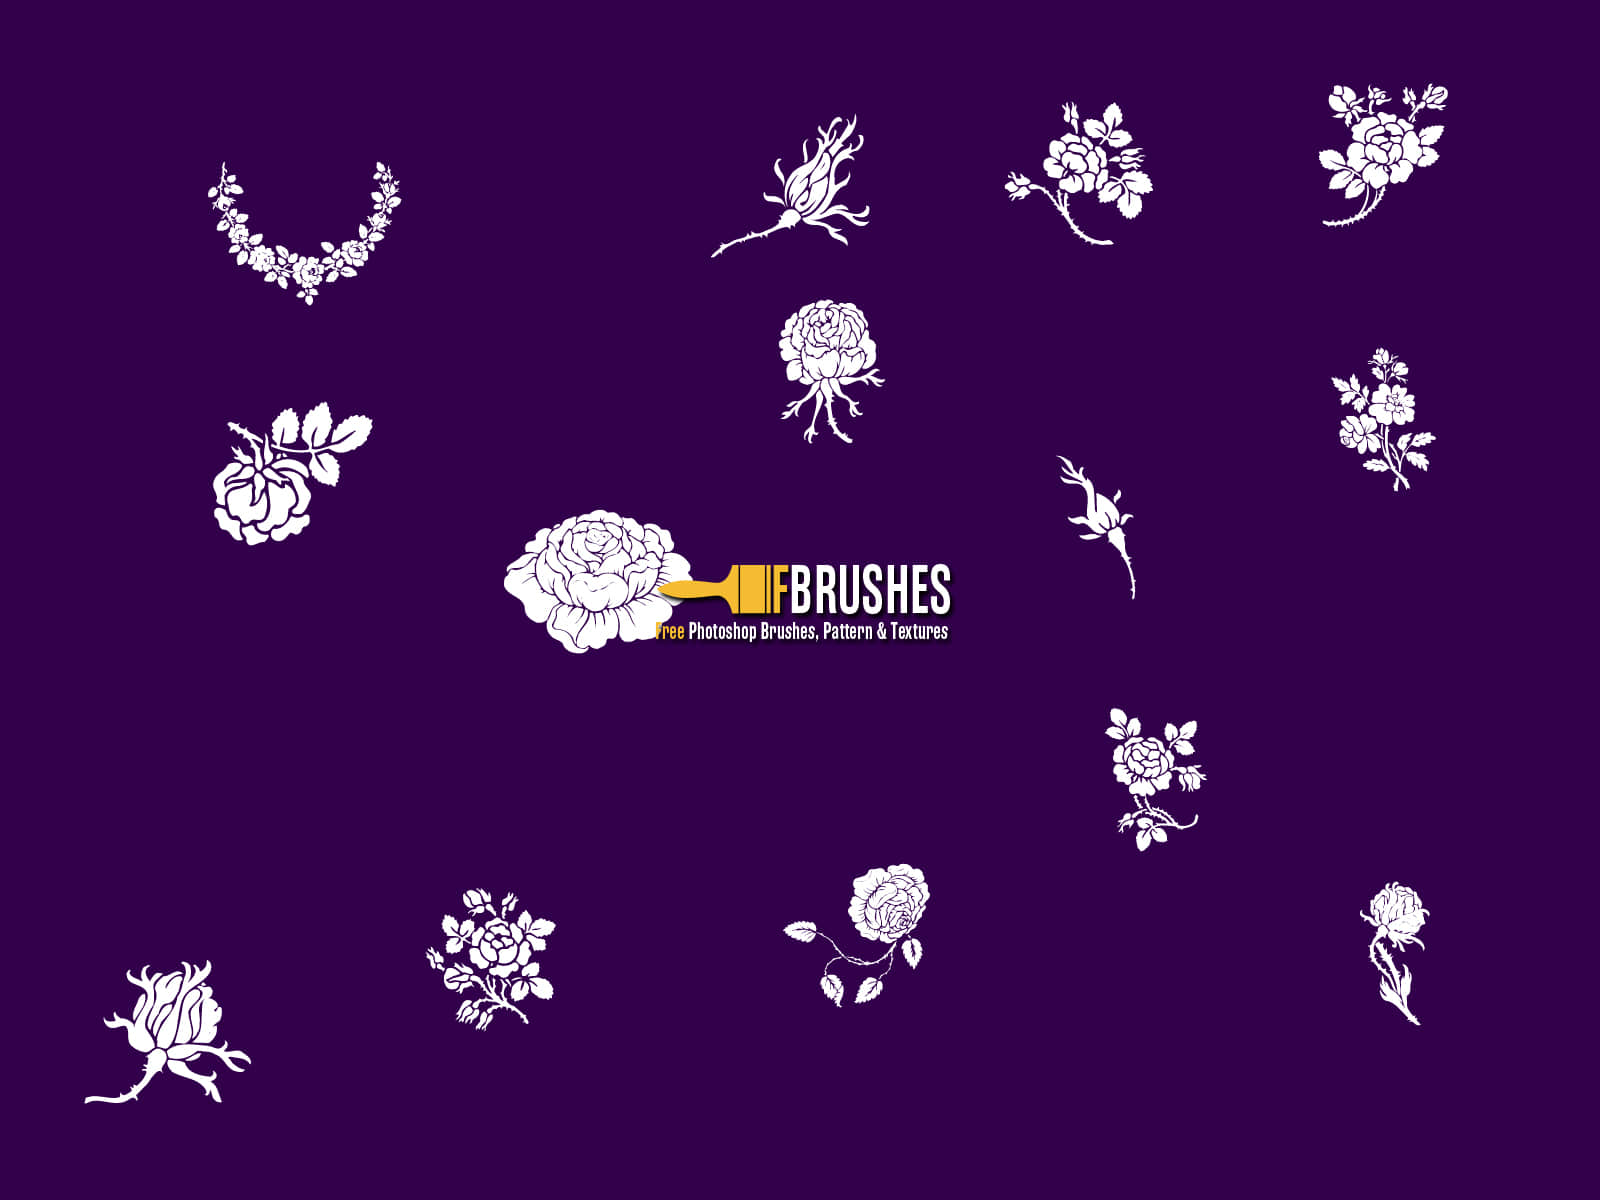 玫瑰花花纹、印花、植物花纹图案Photoshop笔刷下载 玫瑰花笔刷 植物花纹笔刷 印花笔刷  flowers brushes